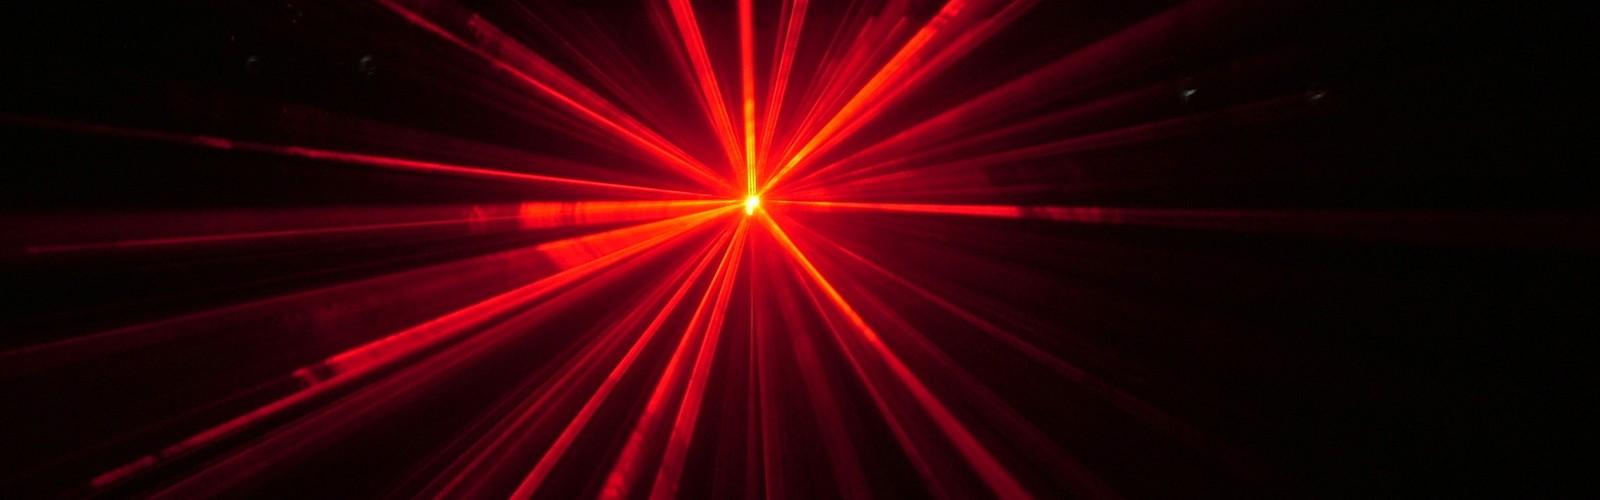 laser-show-3-1525284-1600x1200